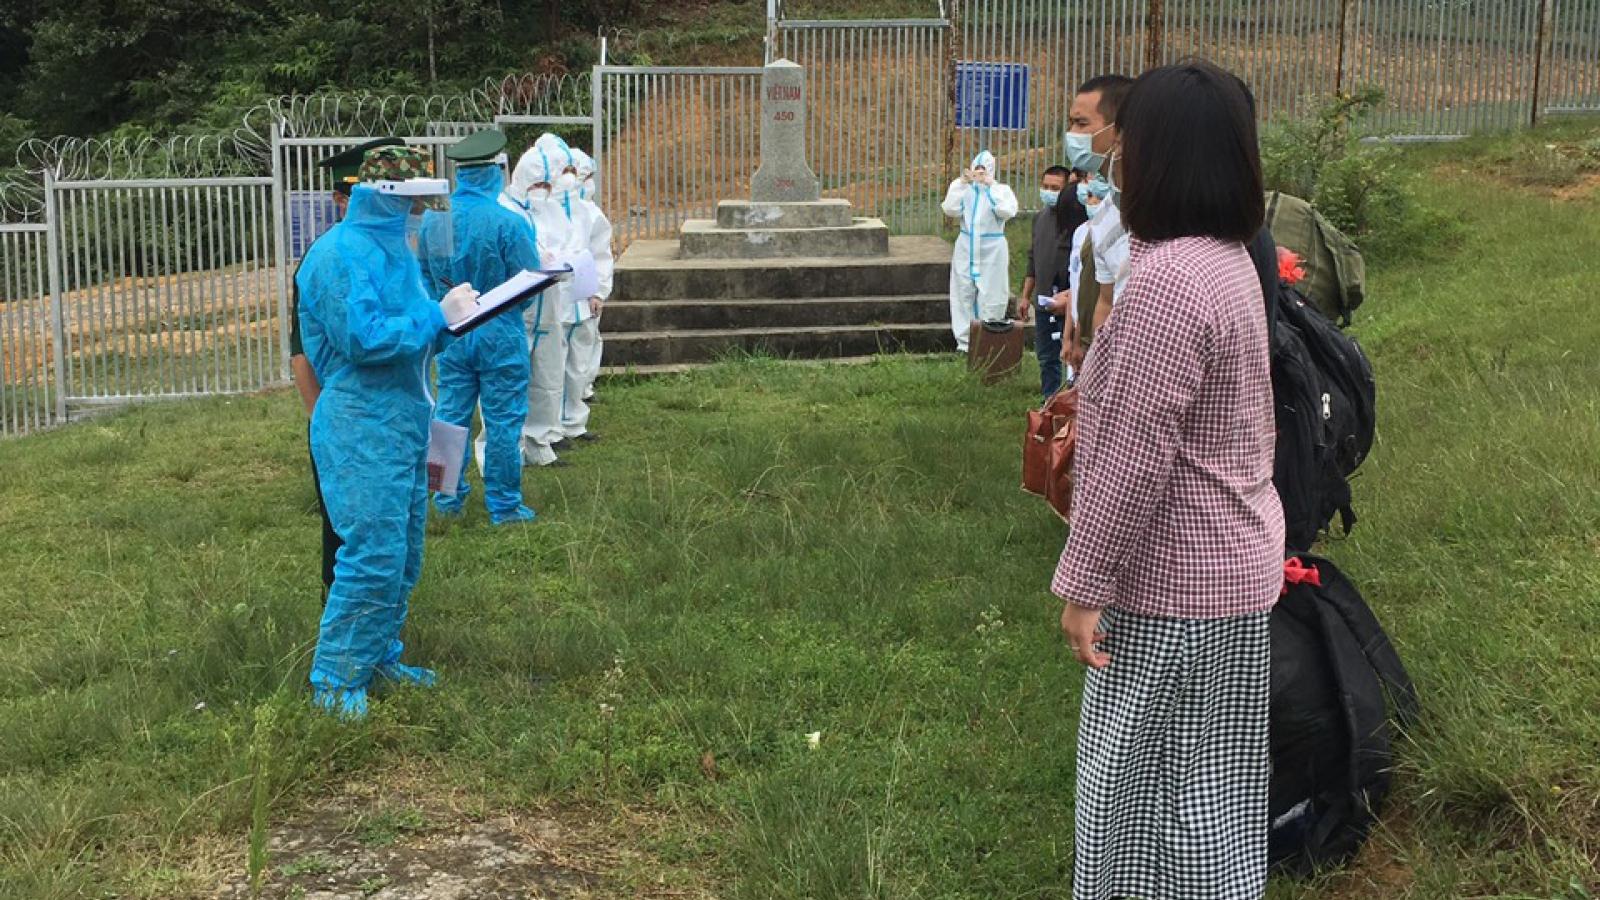 Liên tục phát hiện người nhập cảnh trái phép ở Hà Giang